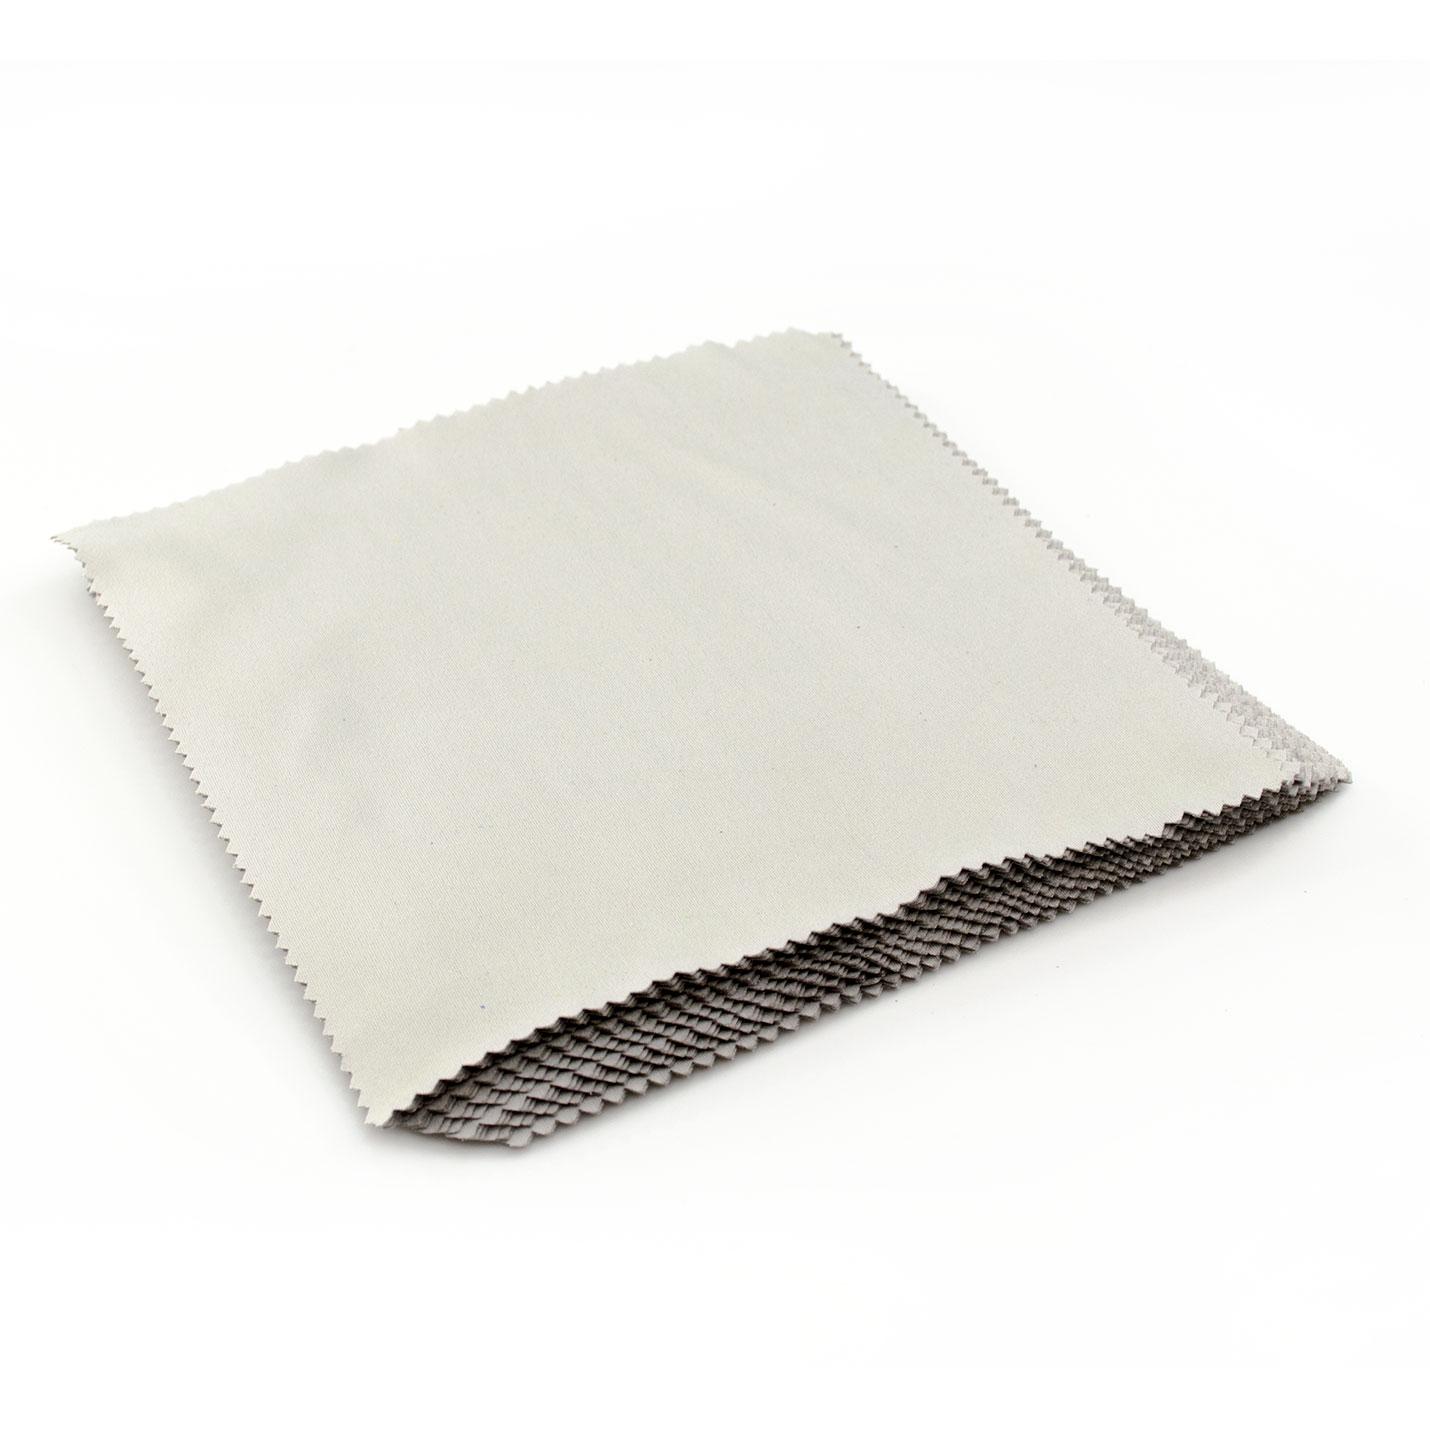 Personnalisation des Lingettes Microfibre